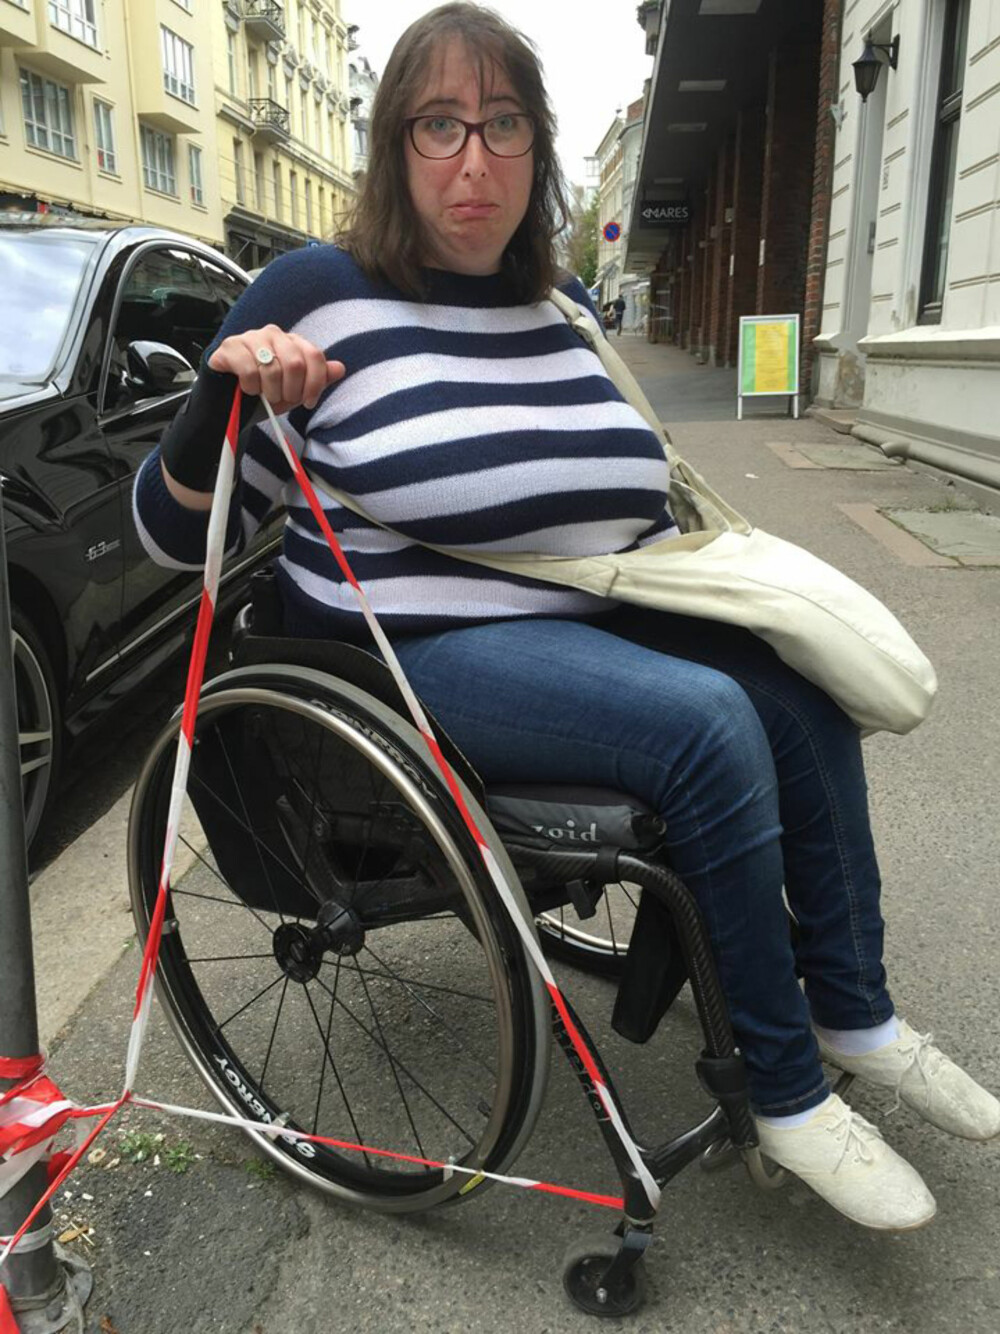 HINDRING: Å være avhengig av rullestol kan by på praktiske utfordringer. Men Miriam insisterer på at slike hinder også er en ressurs. Neste gang vet hun bedre hvordan hun skal vikle seg ut av sperrebåndet - eller unngå å vikle seg inn i det.